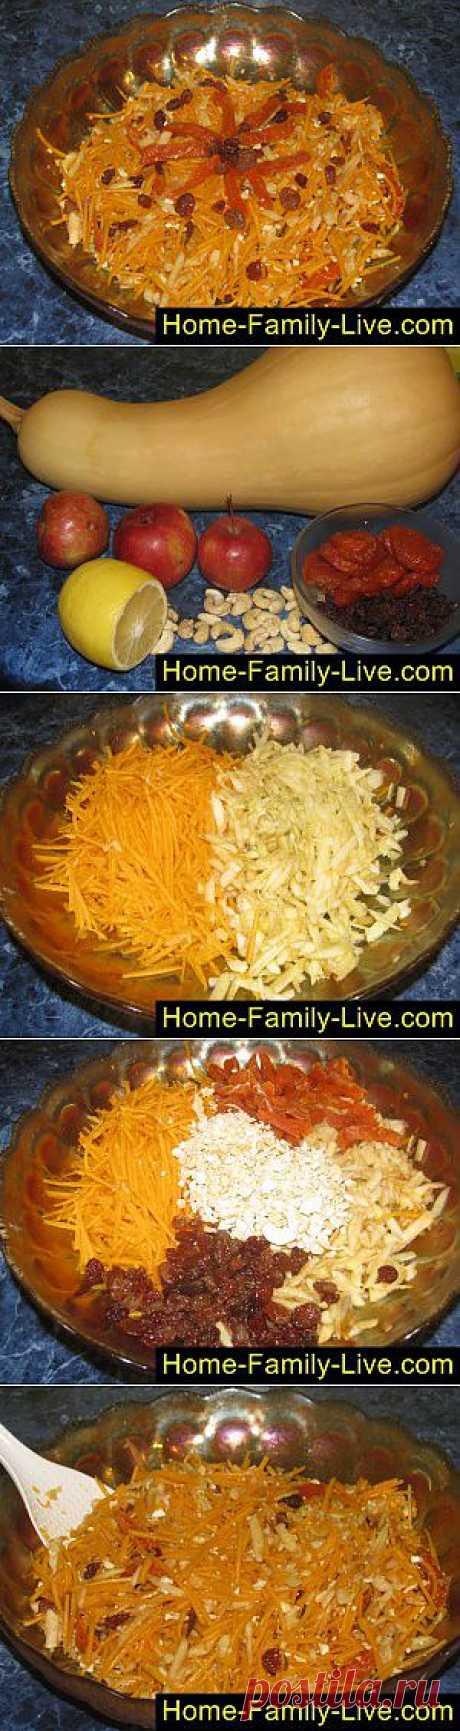 Кулинарные рецепты Салат из тыквы с изюмом - пошаговый фоторецепт - витамины через край